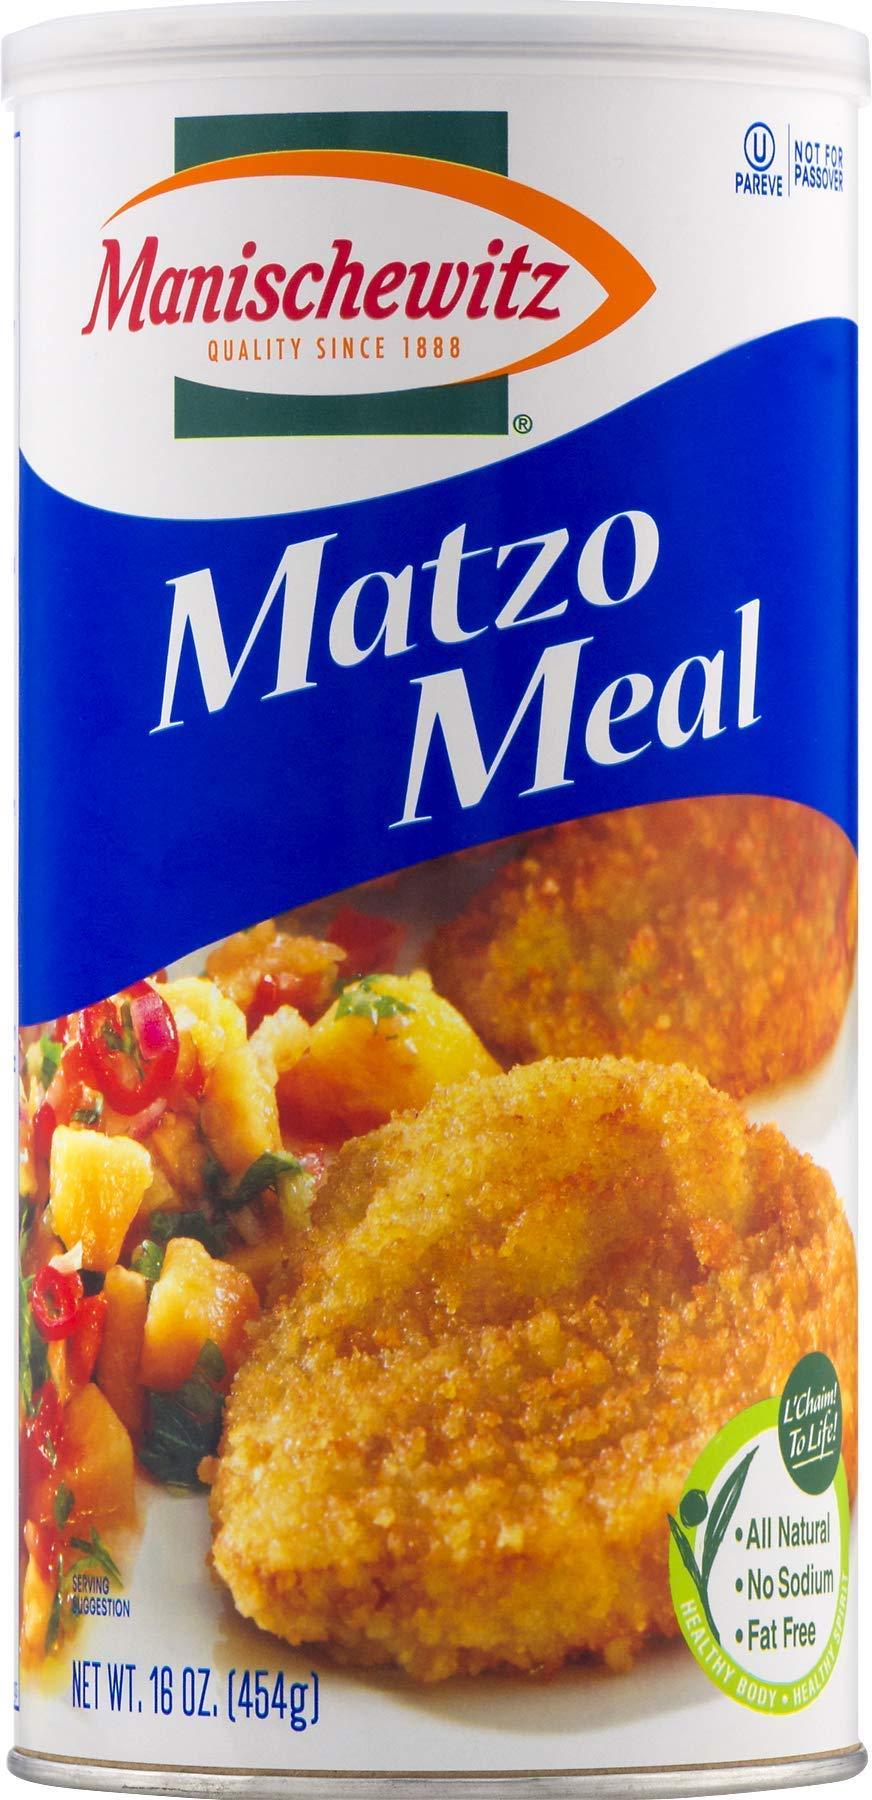 Manischewitz Matzo Meal Daily Canister, 16 OZ, Pack of 2 by Manischewitz